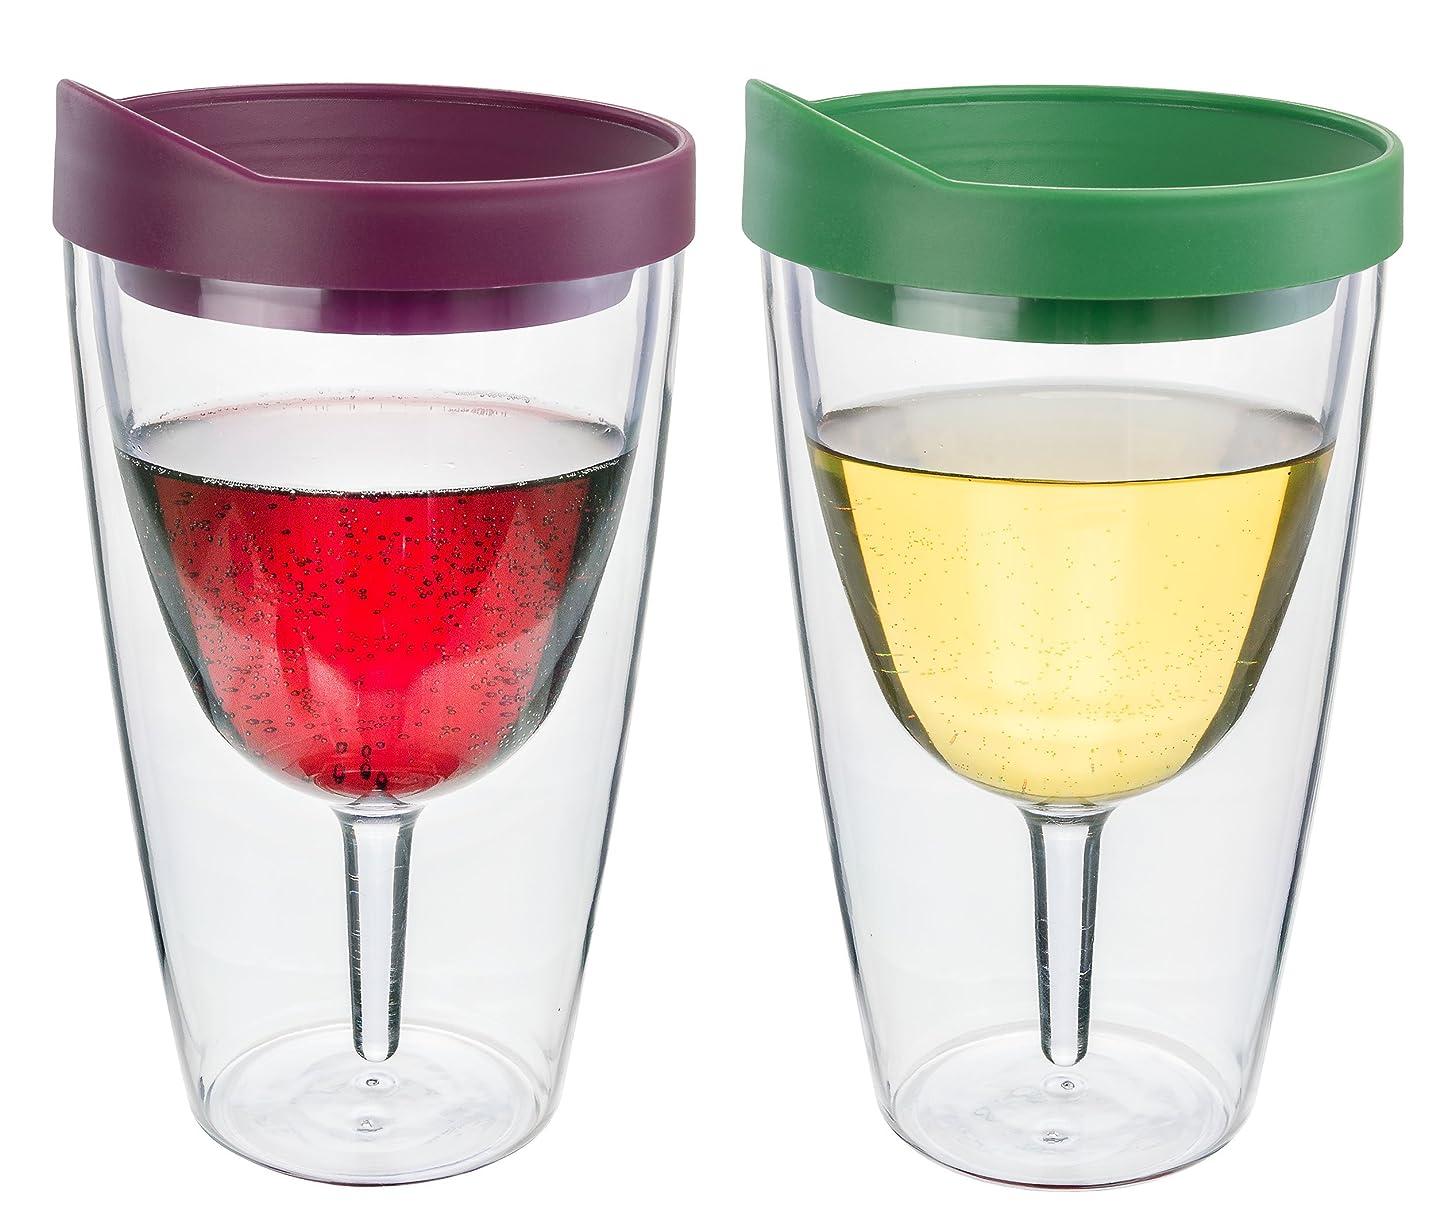 アパル算術涙Southernホームウェアワインタンブラー?–?16オンス絶縁Vino二重壁アクリルメルローwith and Verde Drink Through蓋ワイン2?Go 。